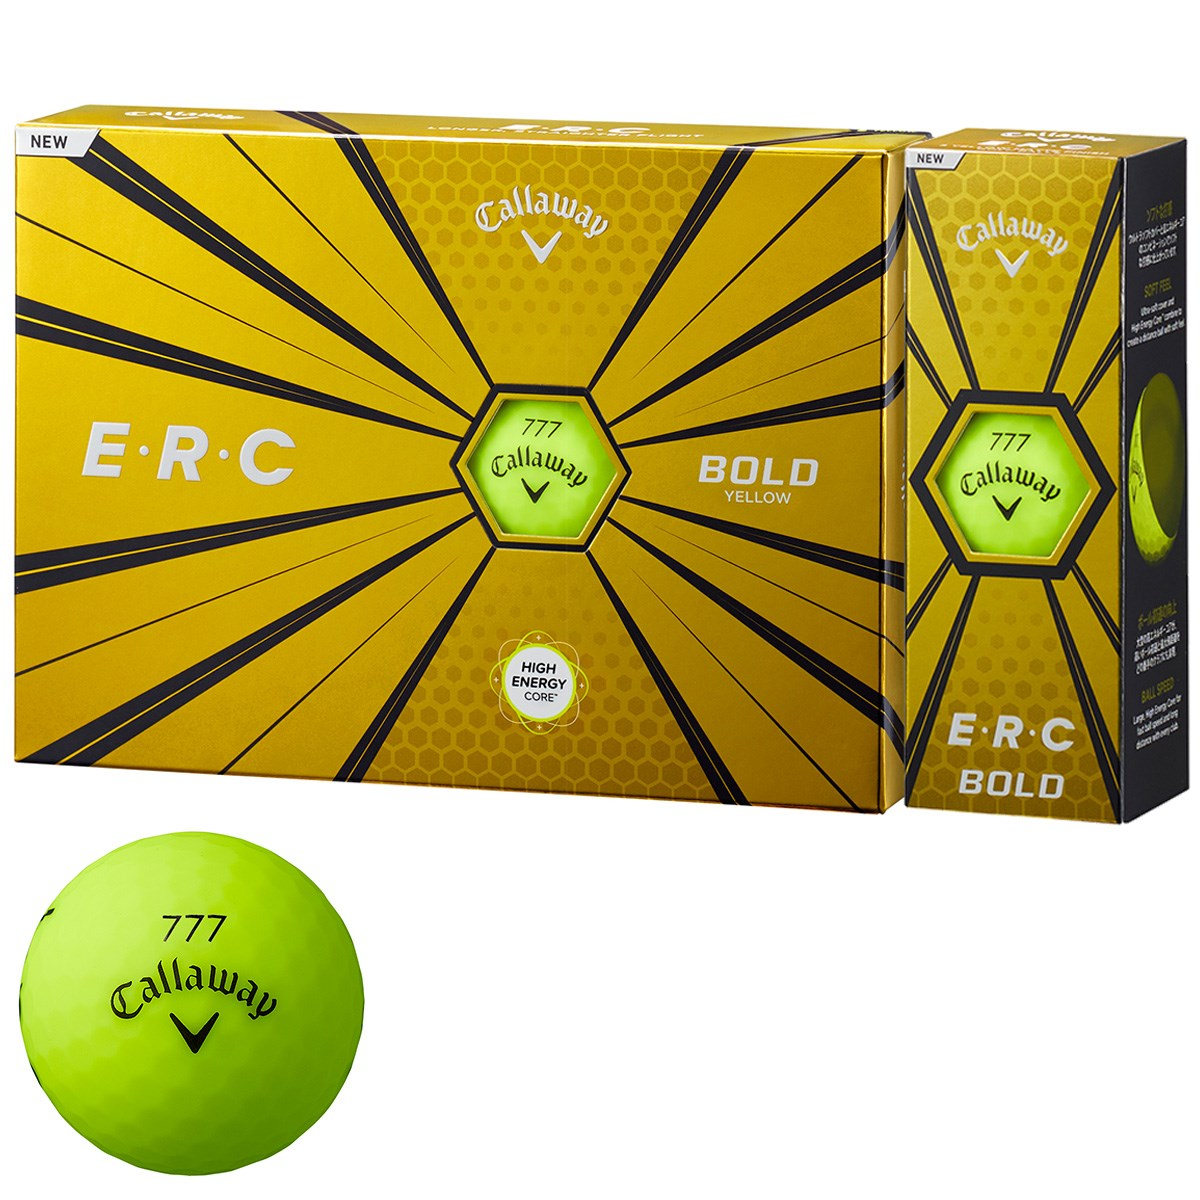 キャロウェイゴルフ E・R・C ERC 19 ボール 1ダース(12個入り) ボールドイエロー